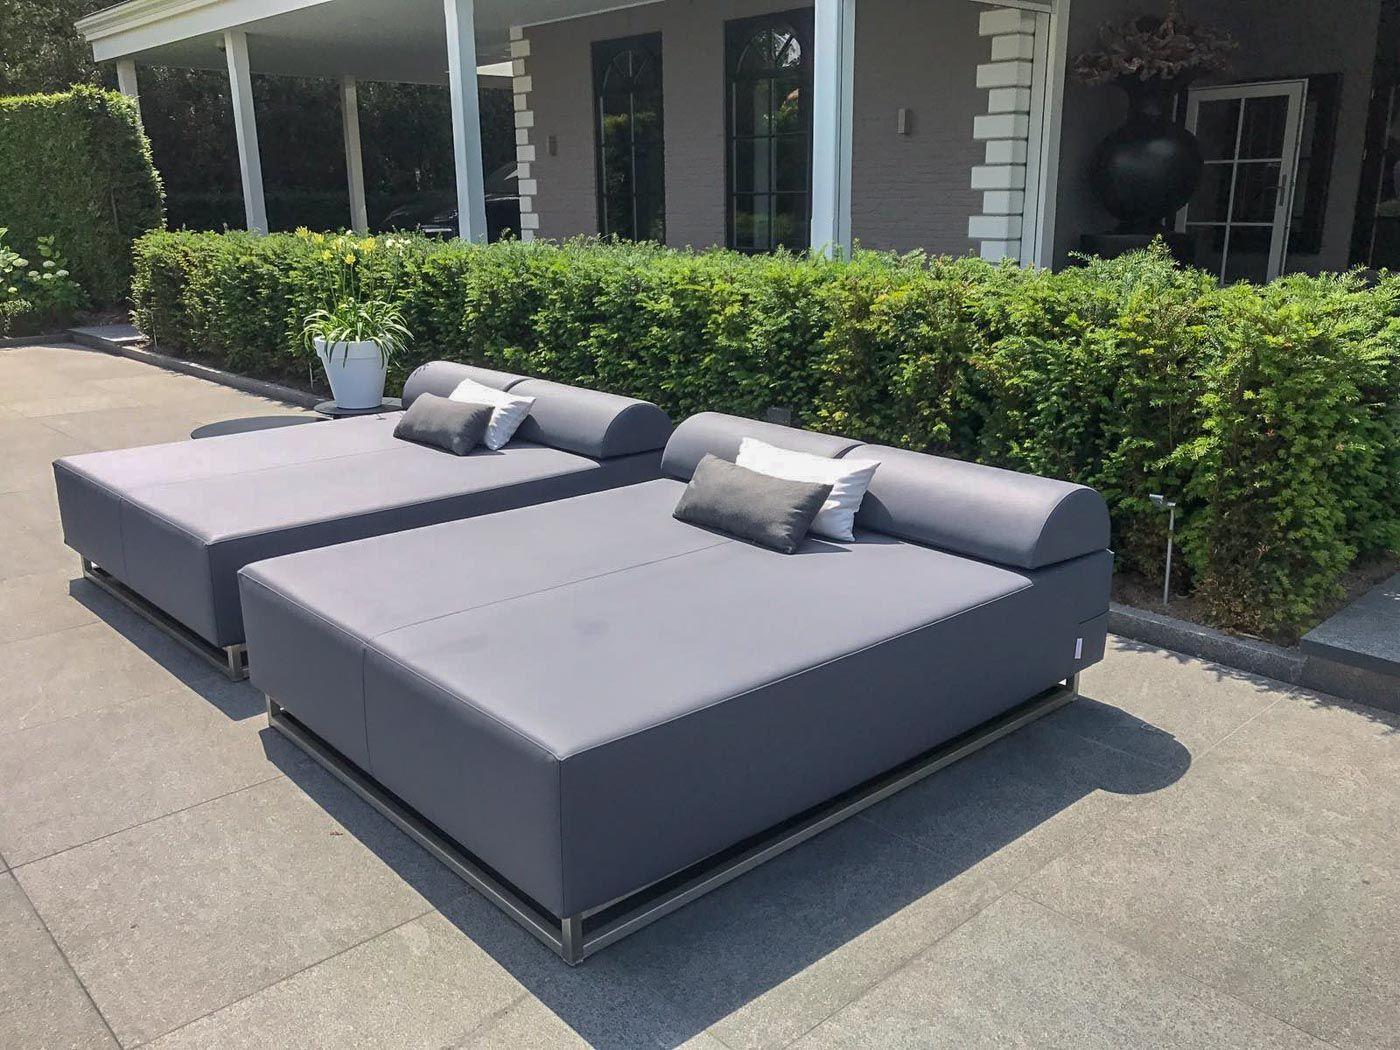 outdoor lounge bett, outdoor lounge betten, outdoor lounge bett